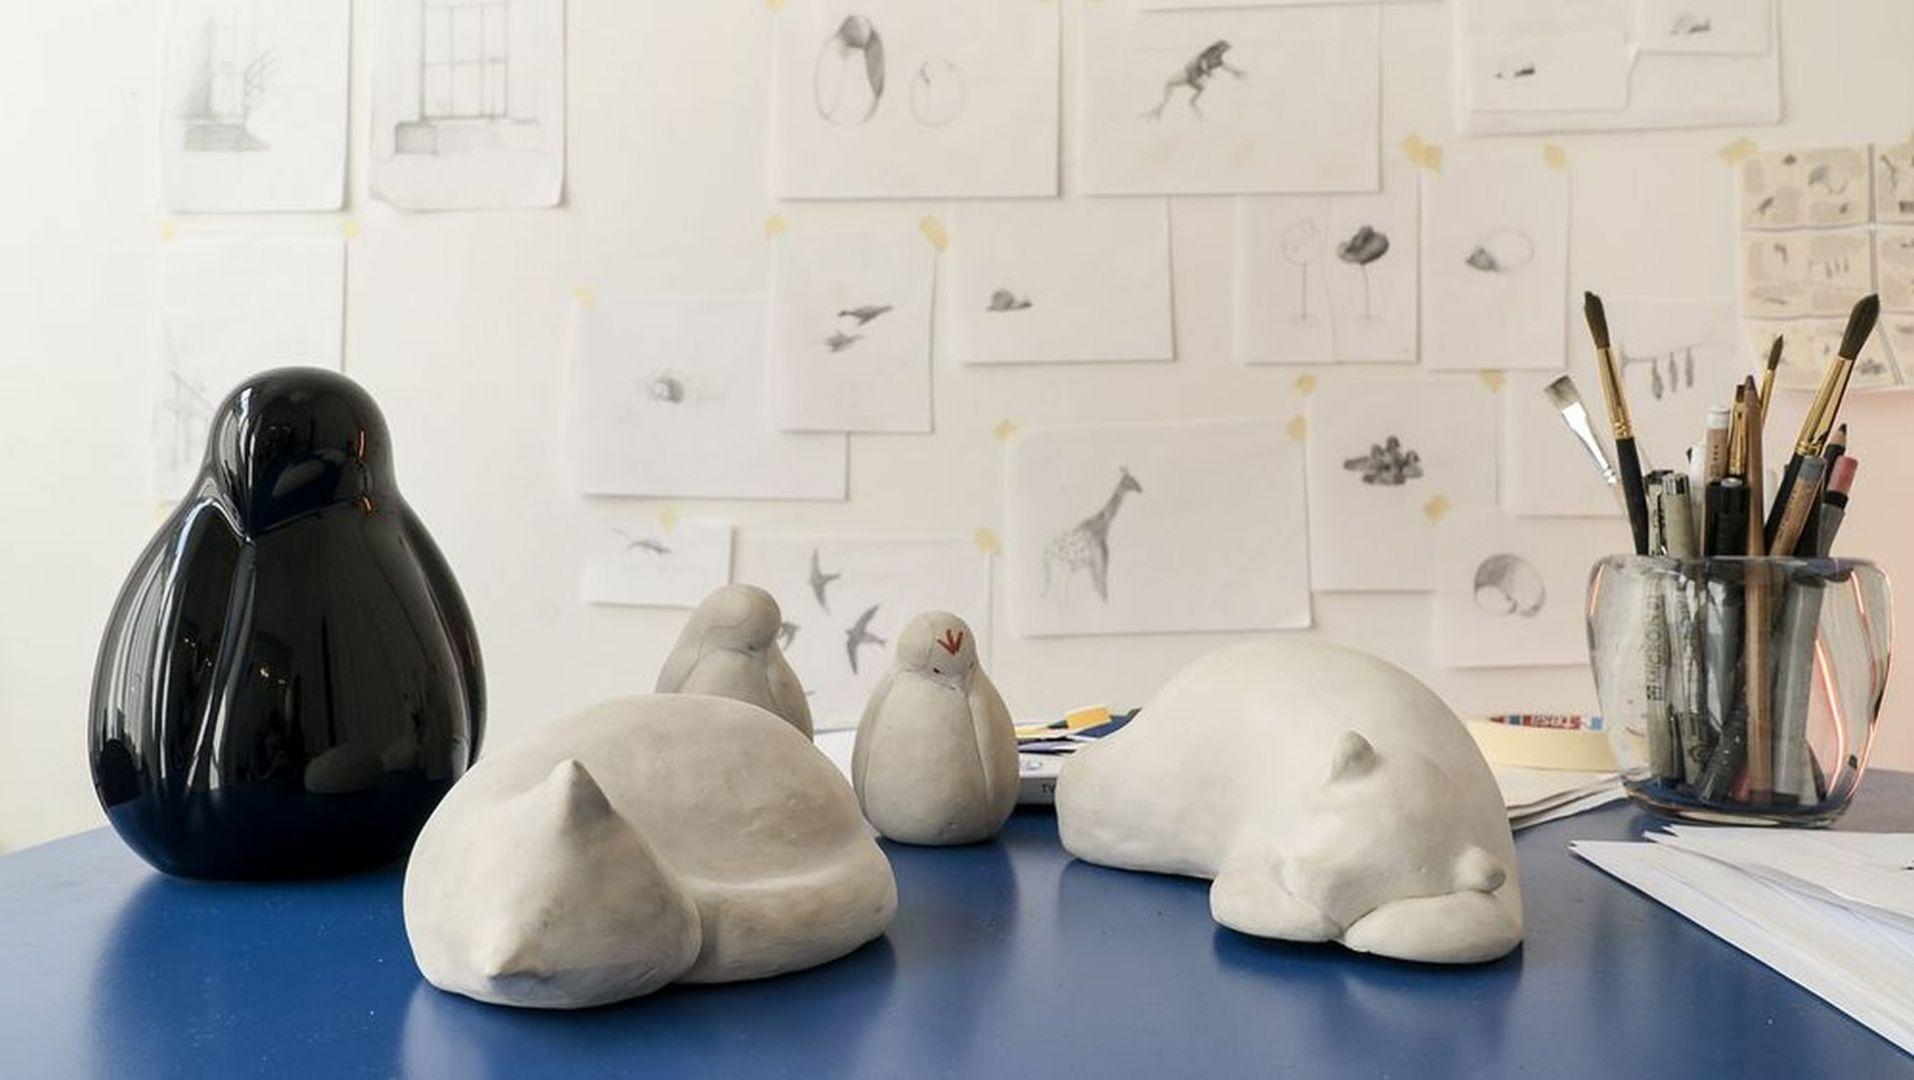 Resting Animals to cudowna kolekcja mebli i dodatków szwedzkiej grupy projektowej Front dla marki Vitra. Fot. Vitra